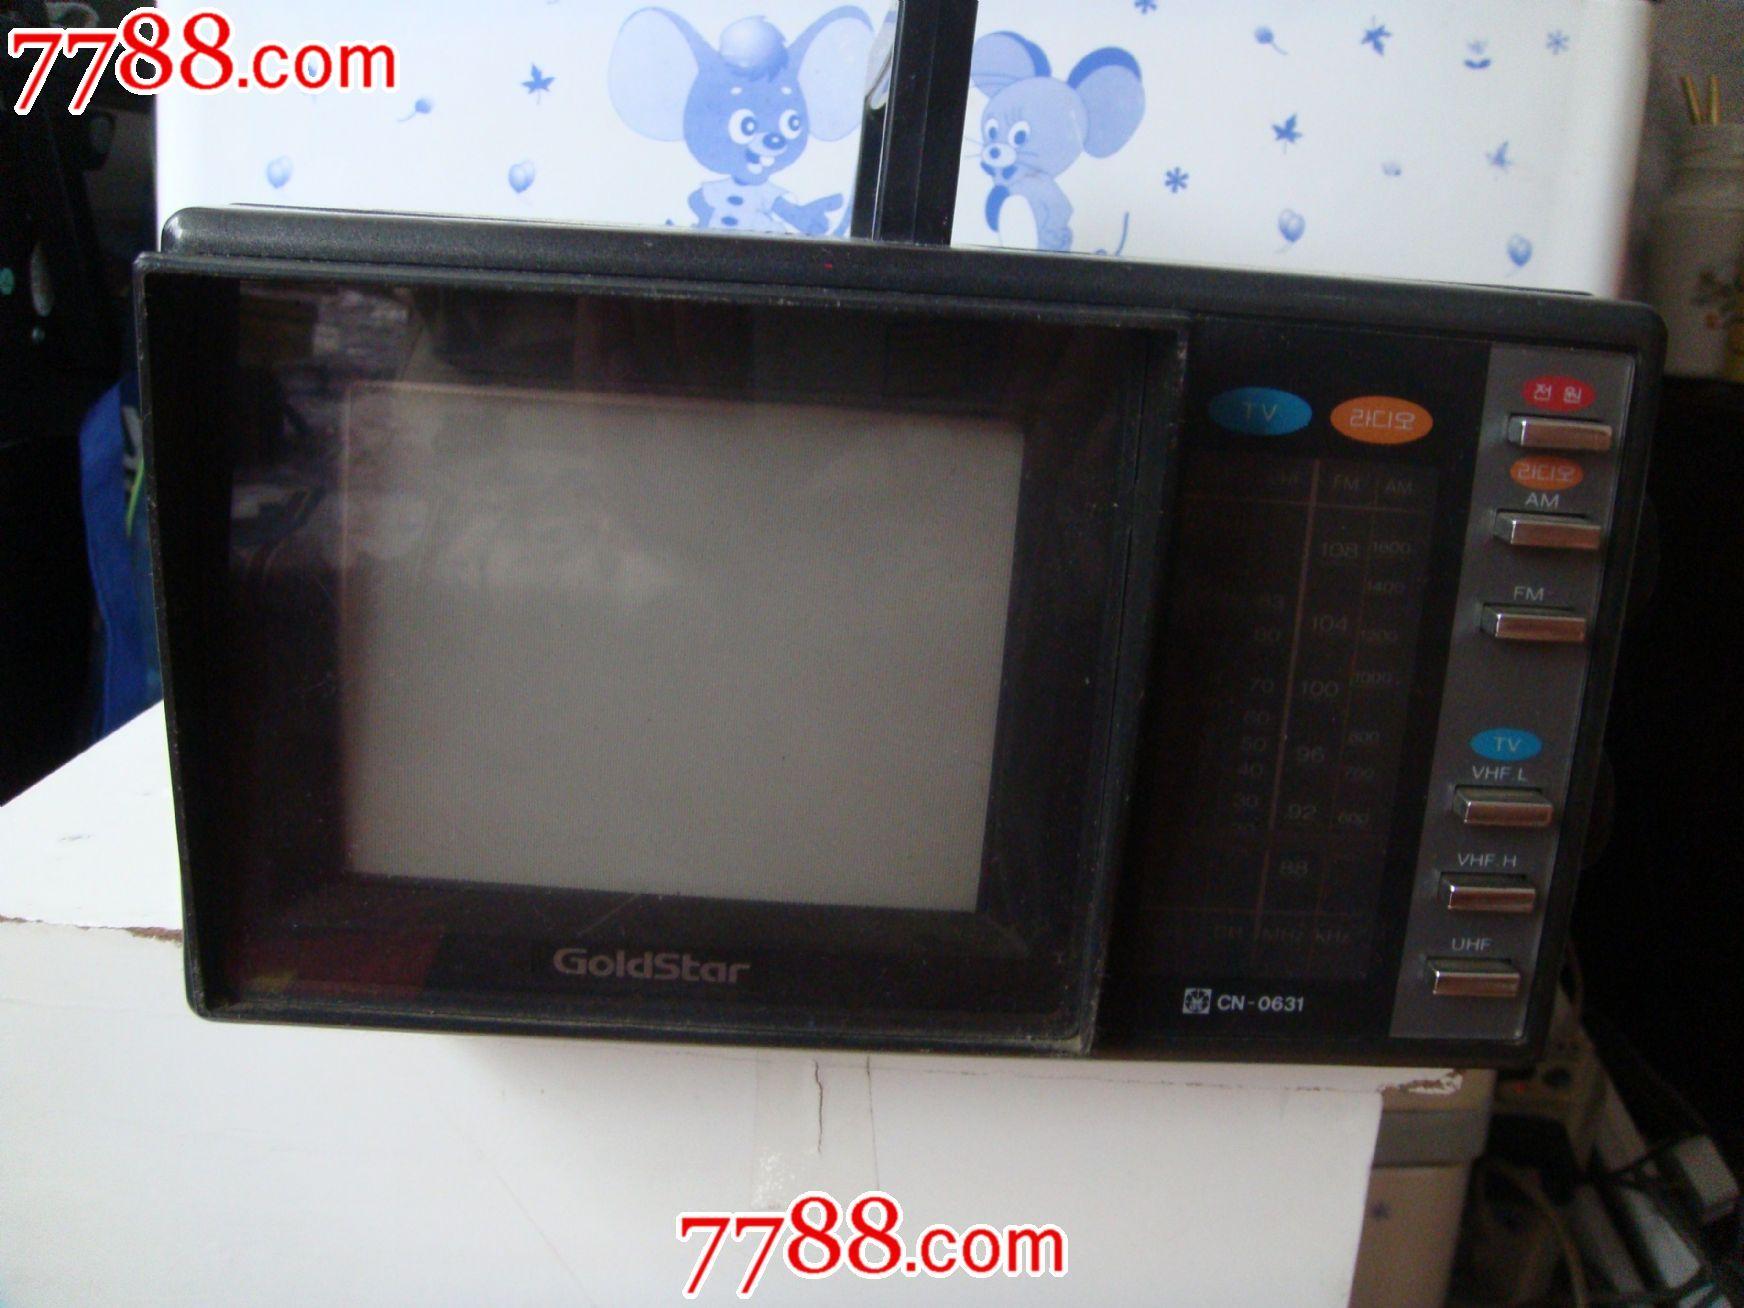 韩国高士达黑白电视机